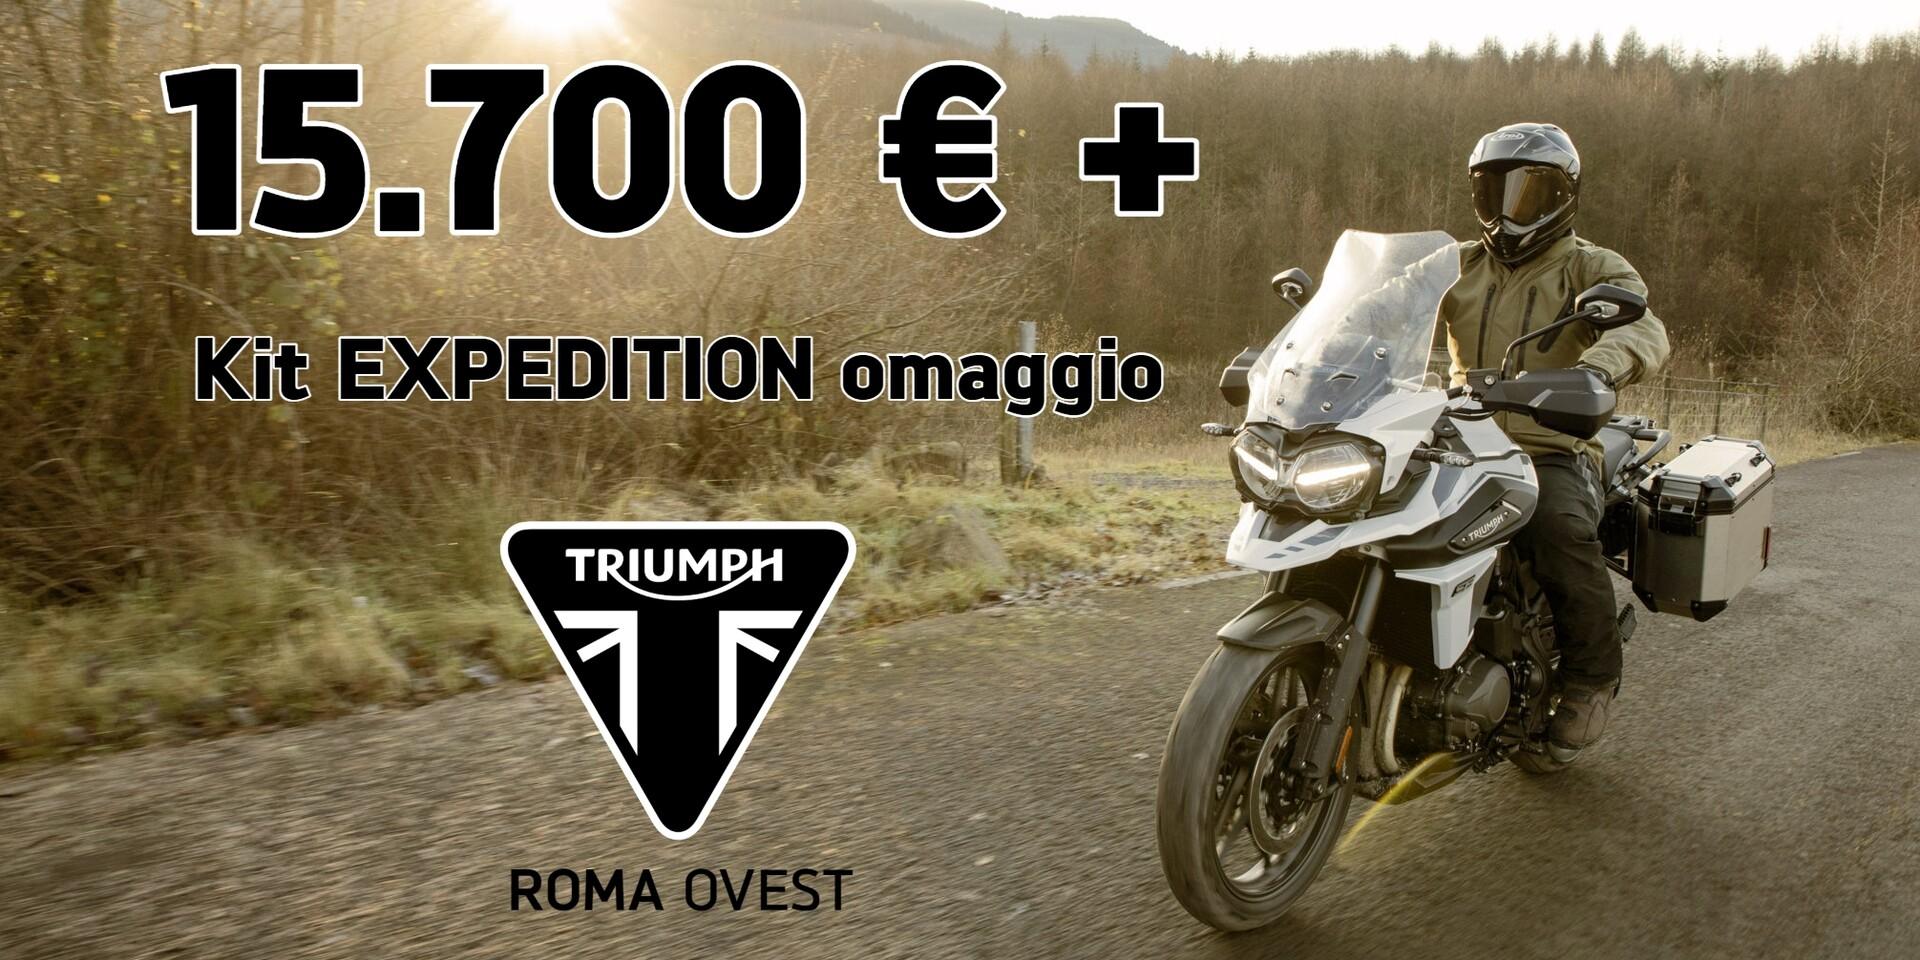 promozione-tiger-1200-triumph-roma-ovest-lamotoroma-1